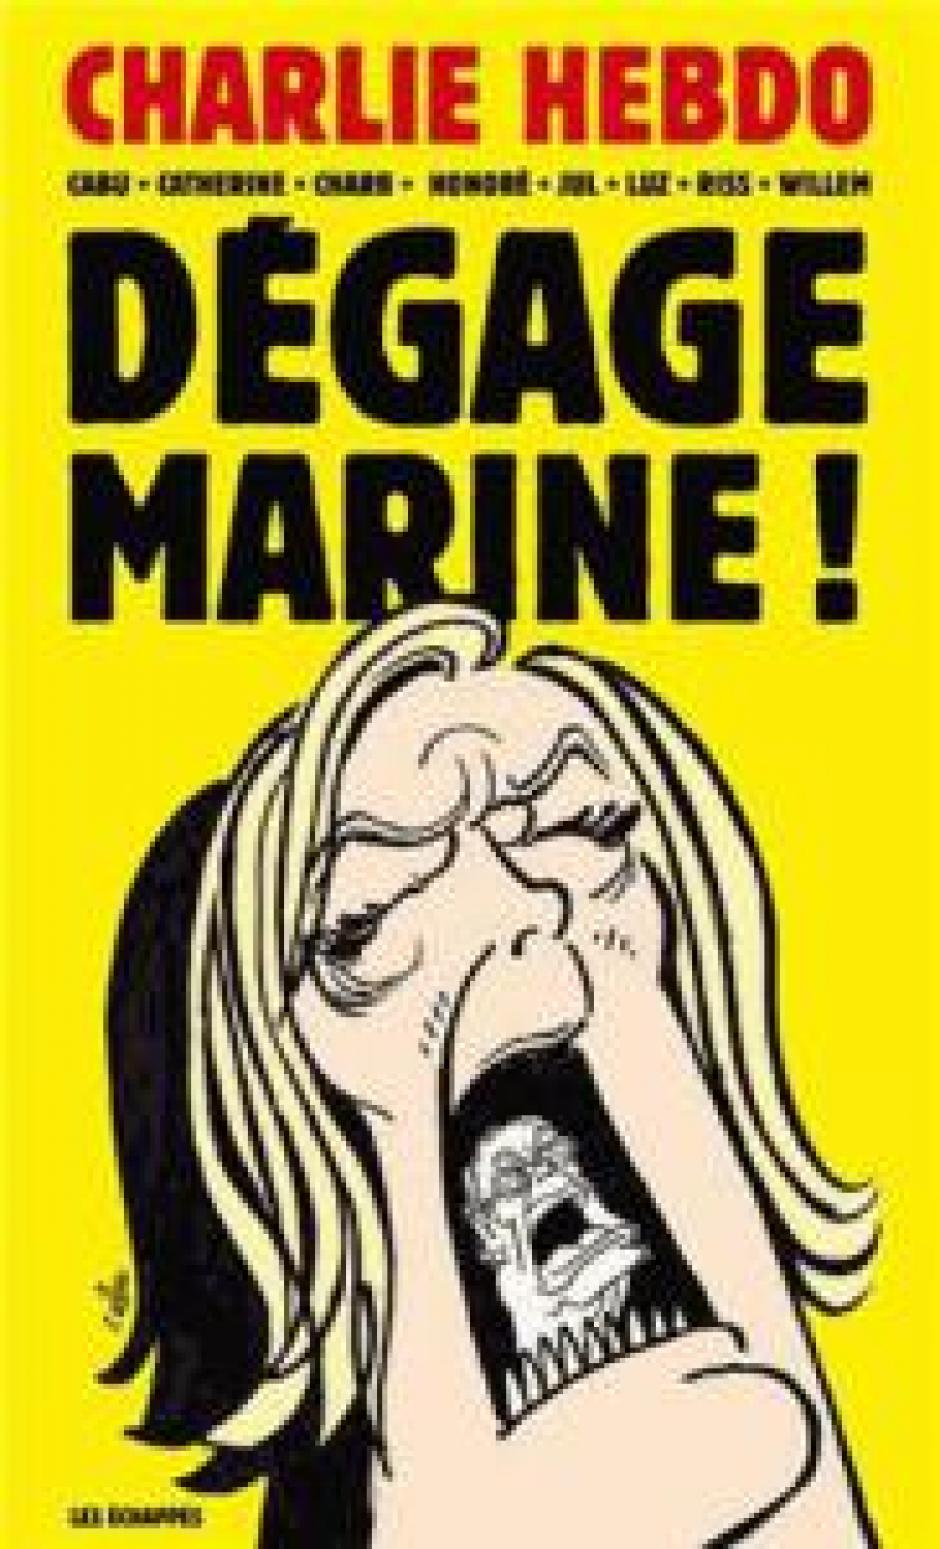 Communiqué des jeunes communistes du Nord suite à l'attentat de Charlie Hebdo